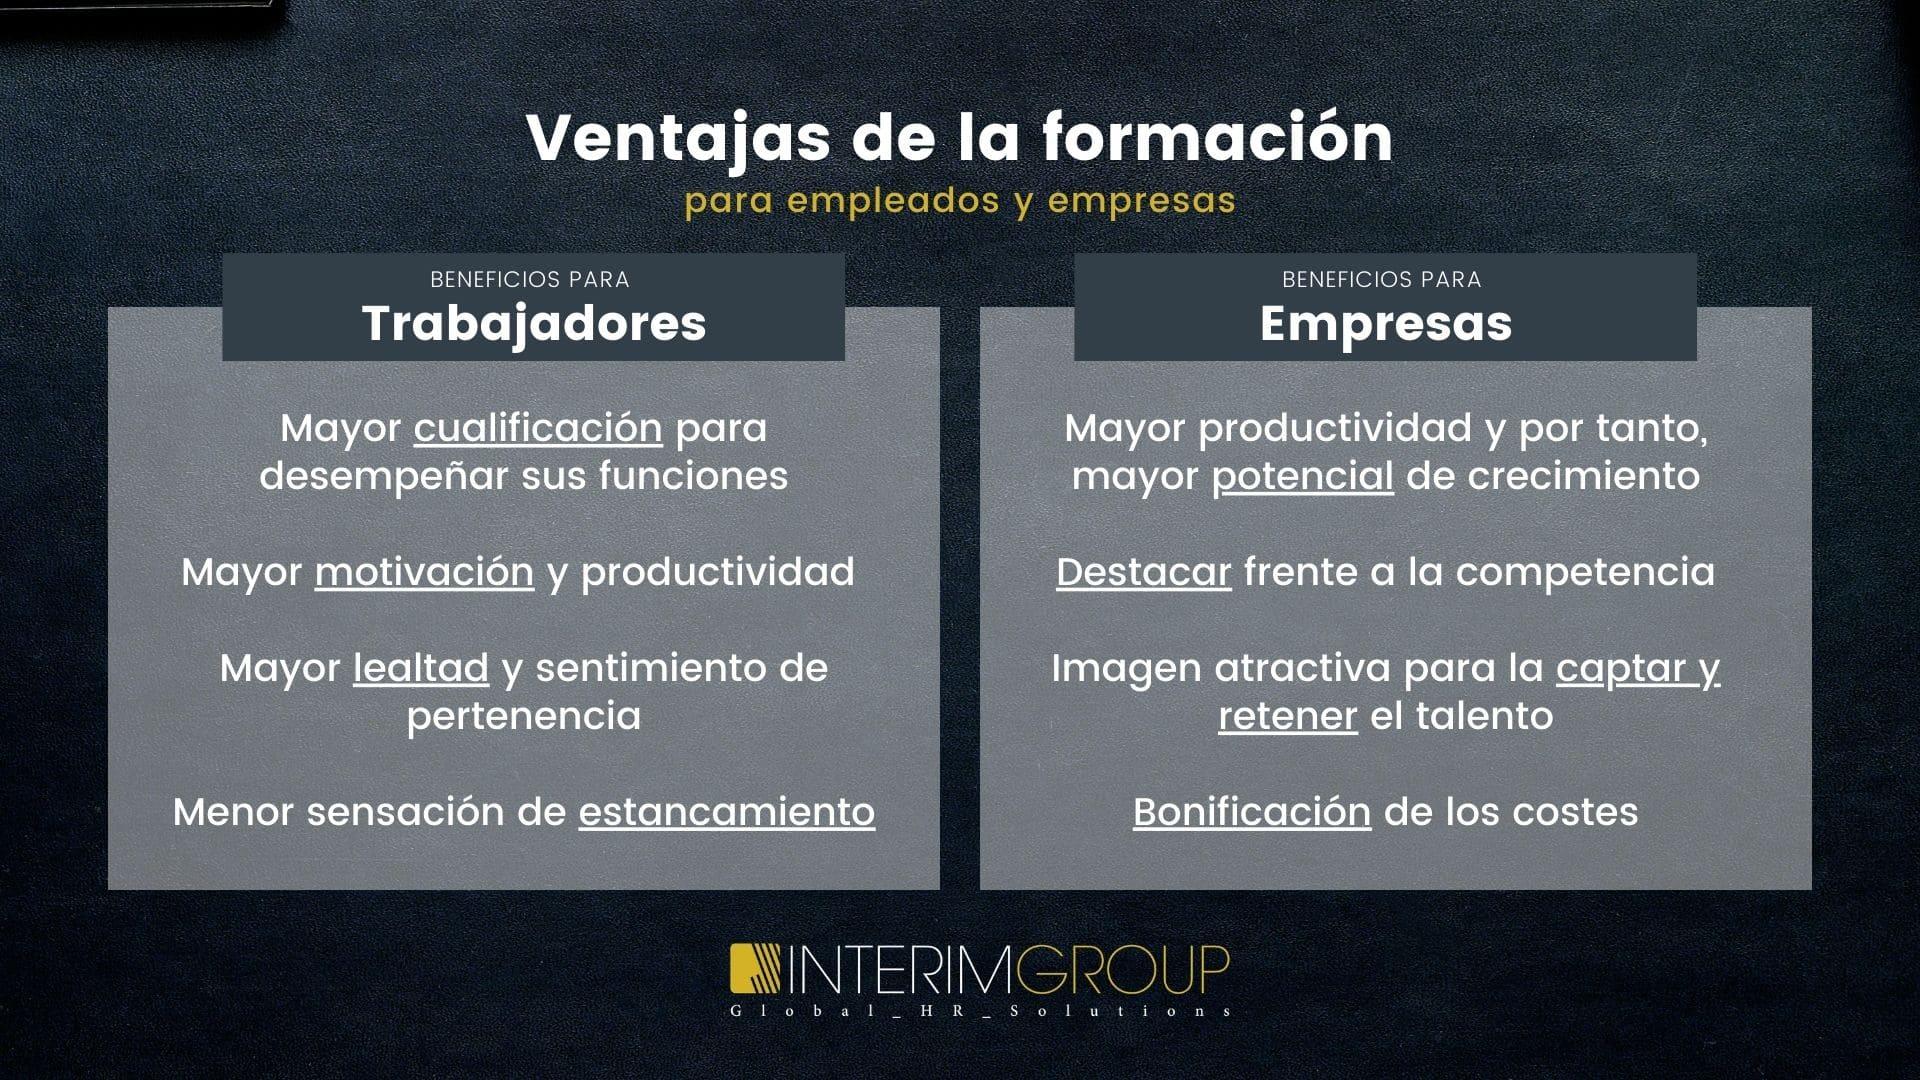 Ventajas-formación_INTERIM-GROUP